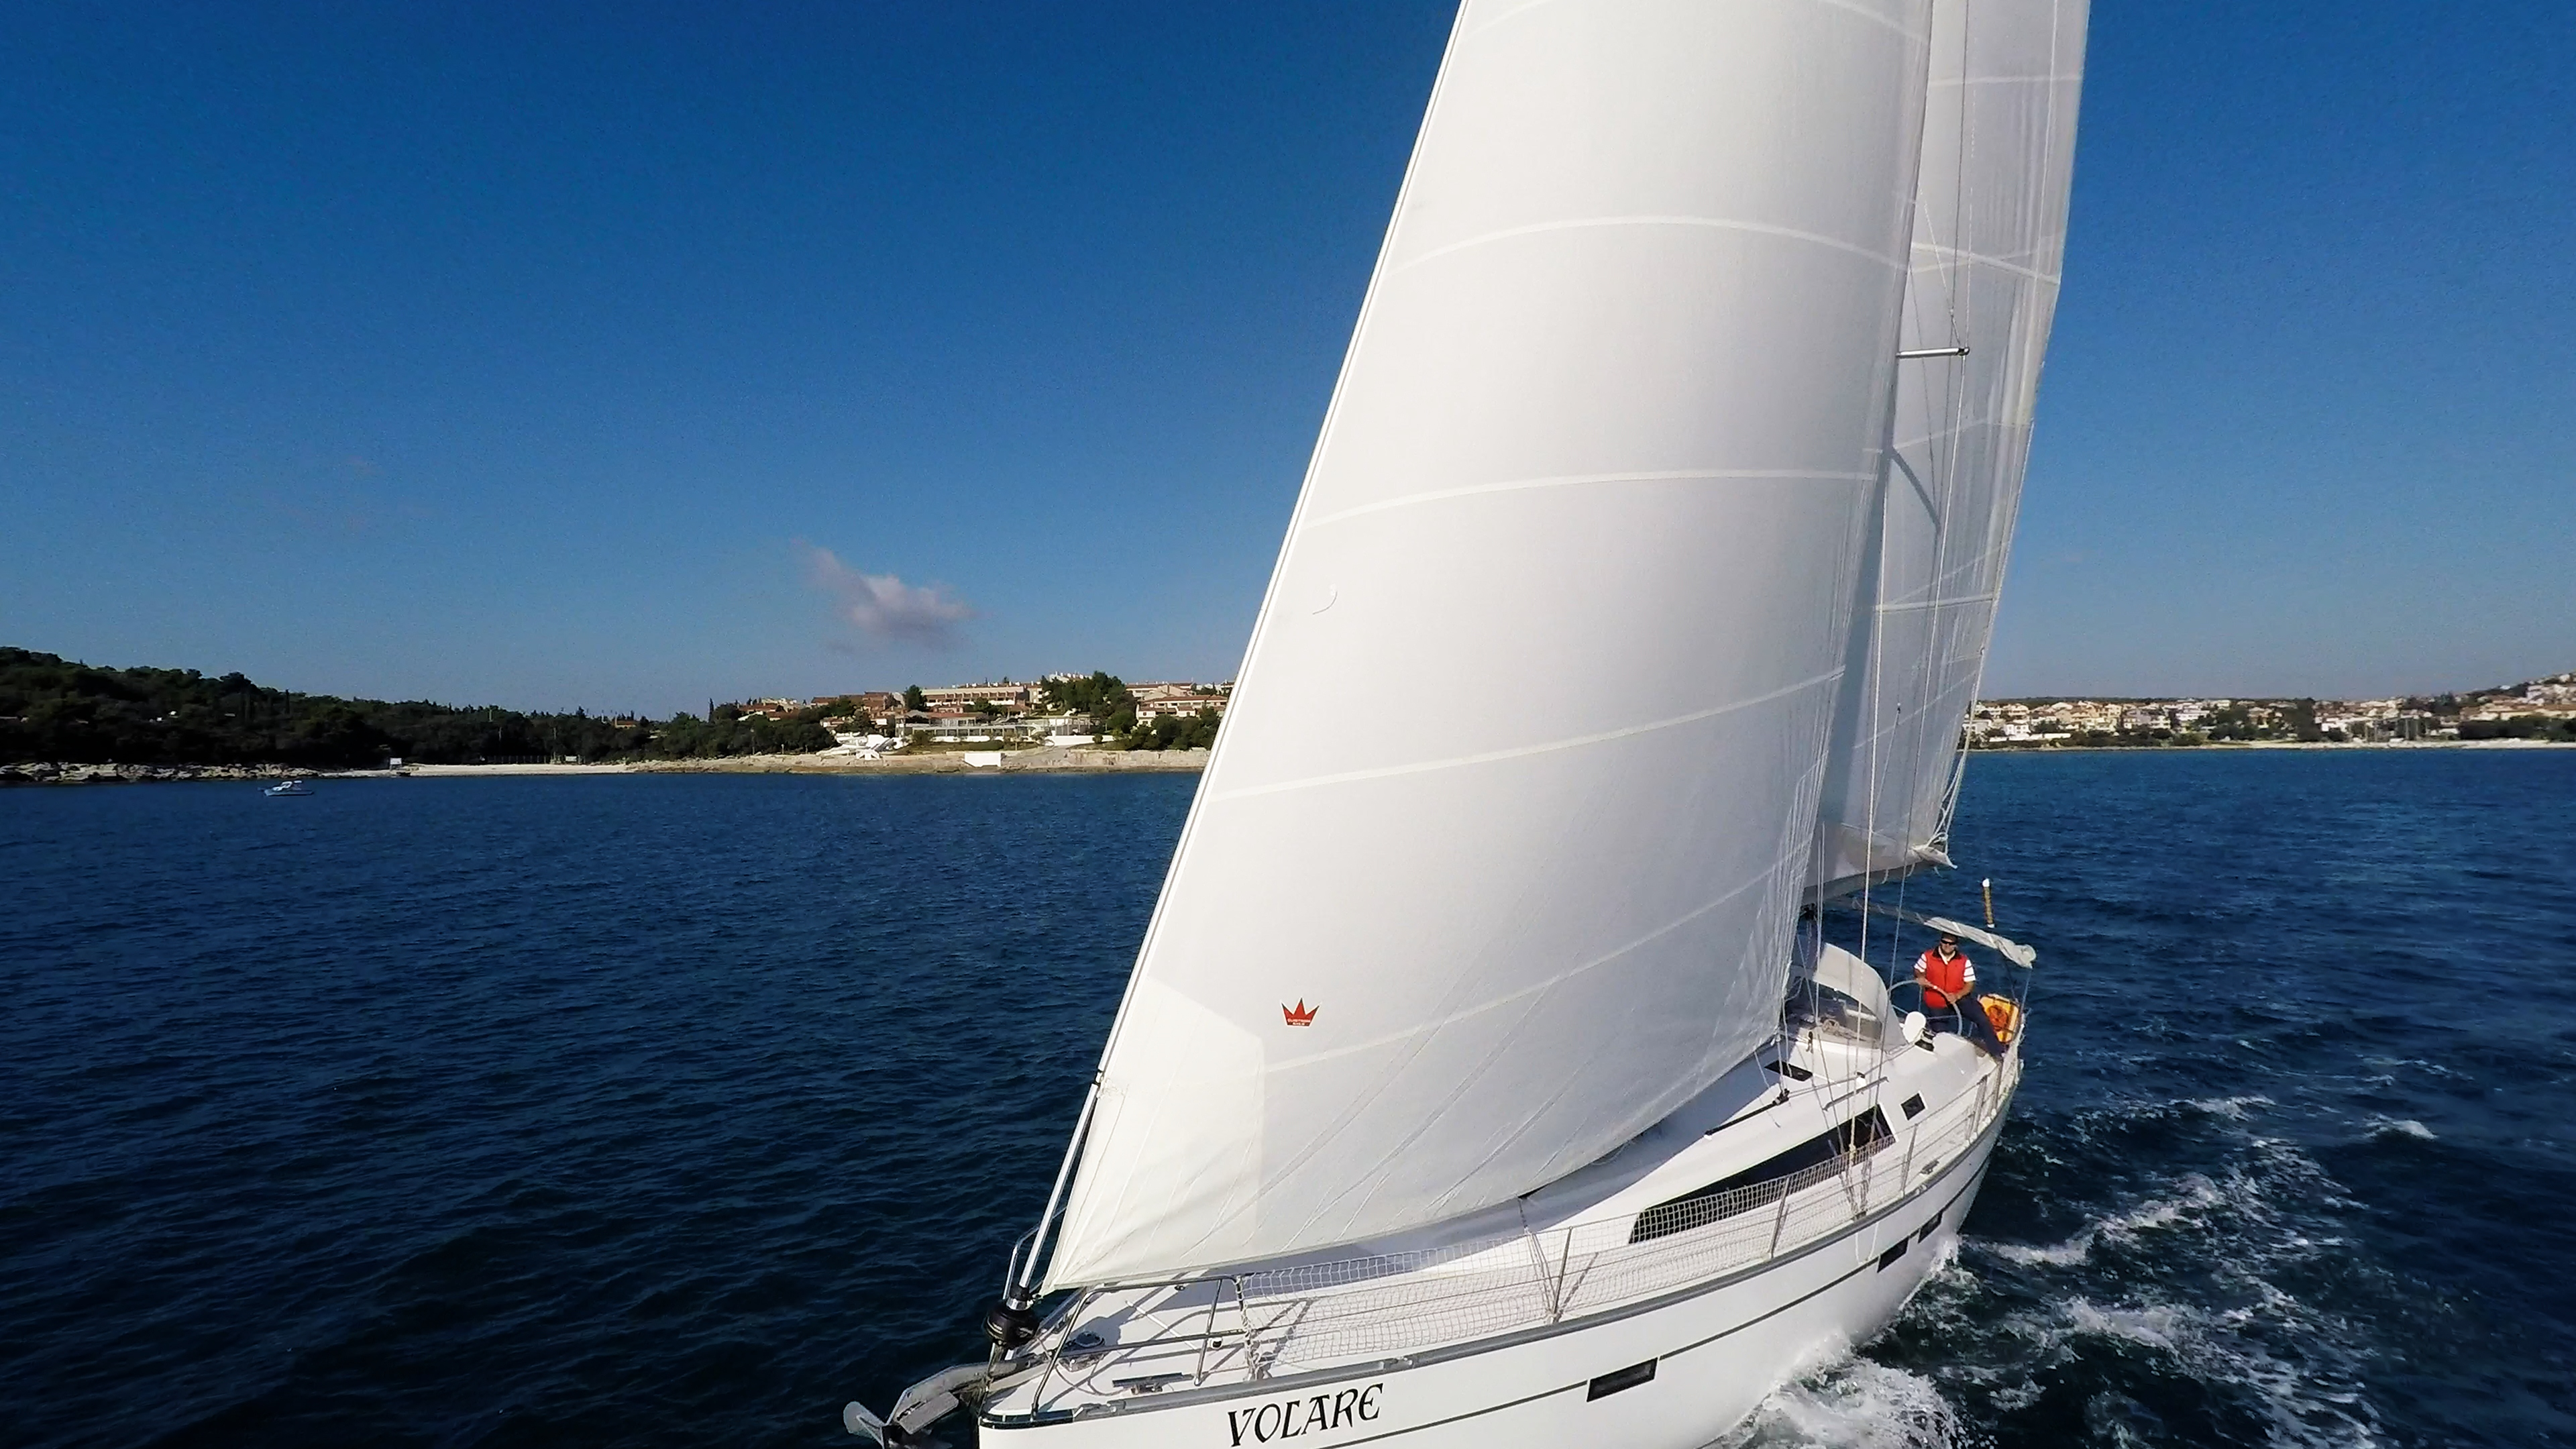 sailing yacht sails sailboat sailing yacht bavaria 46 sea blue sky